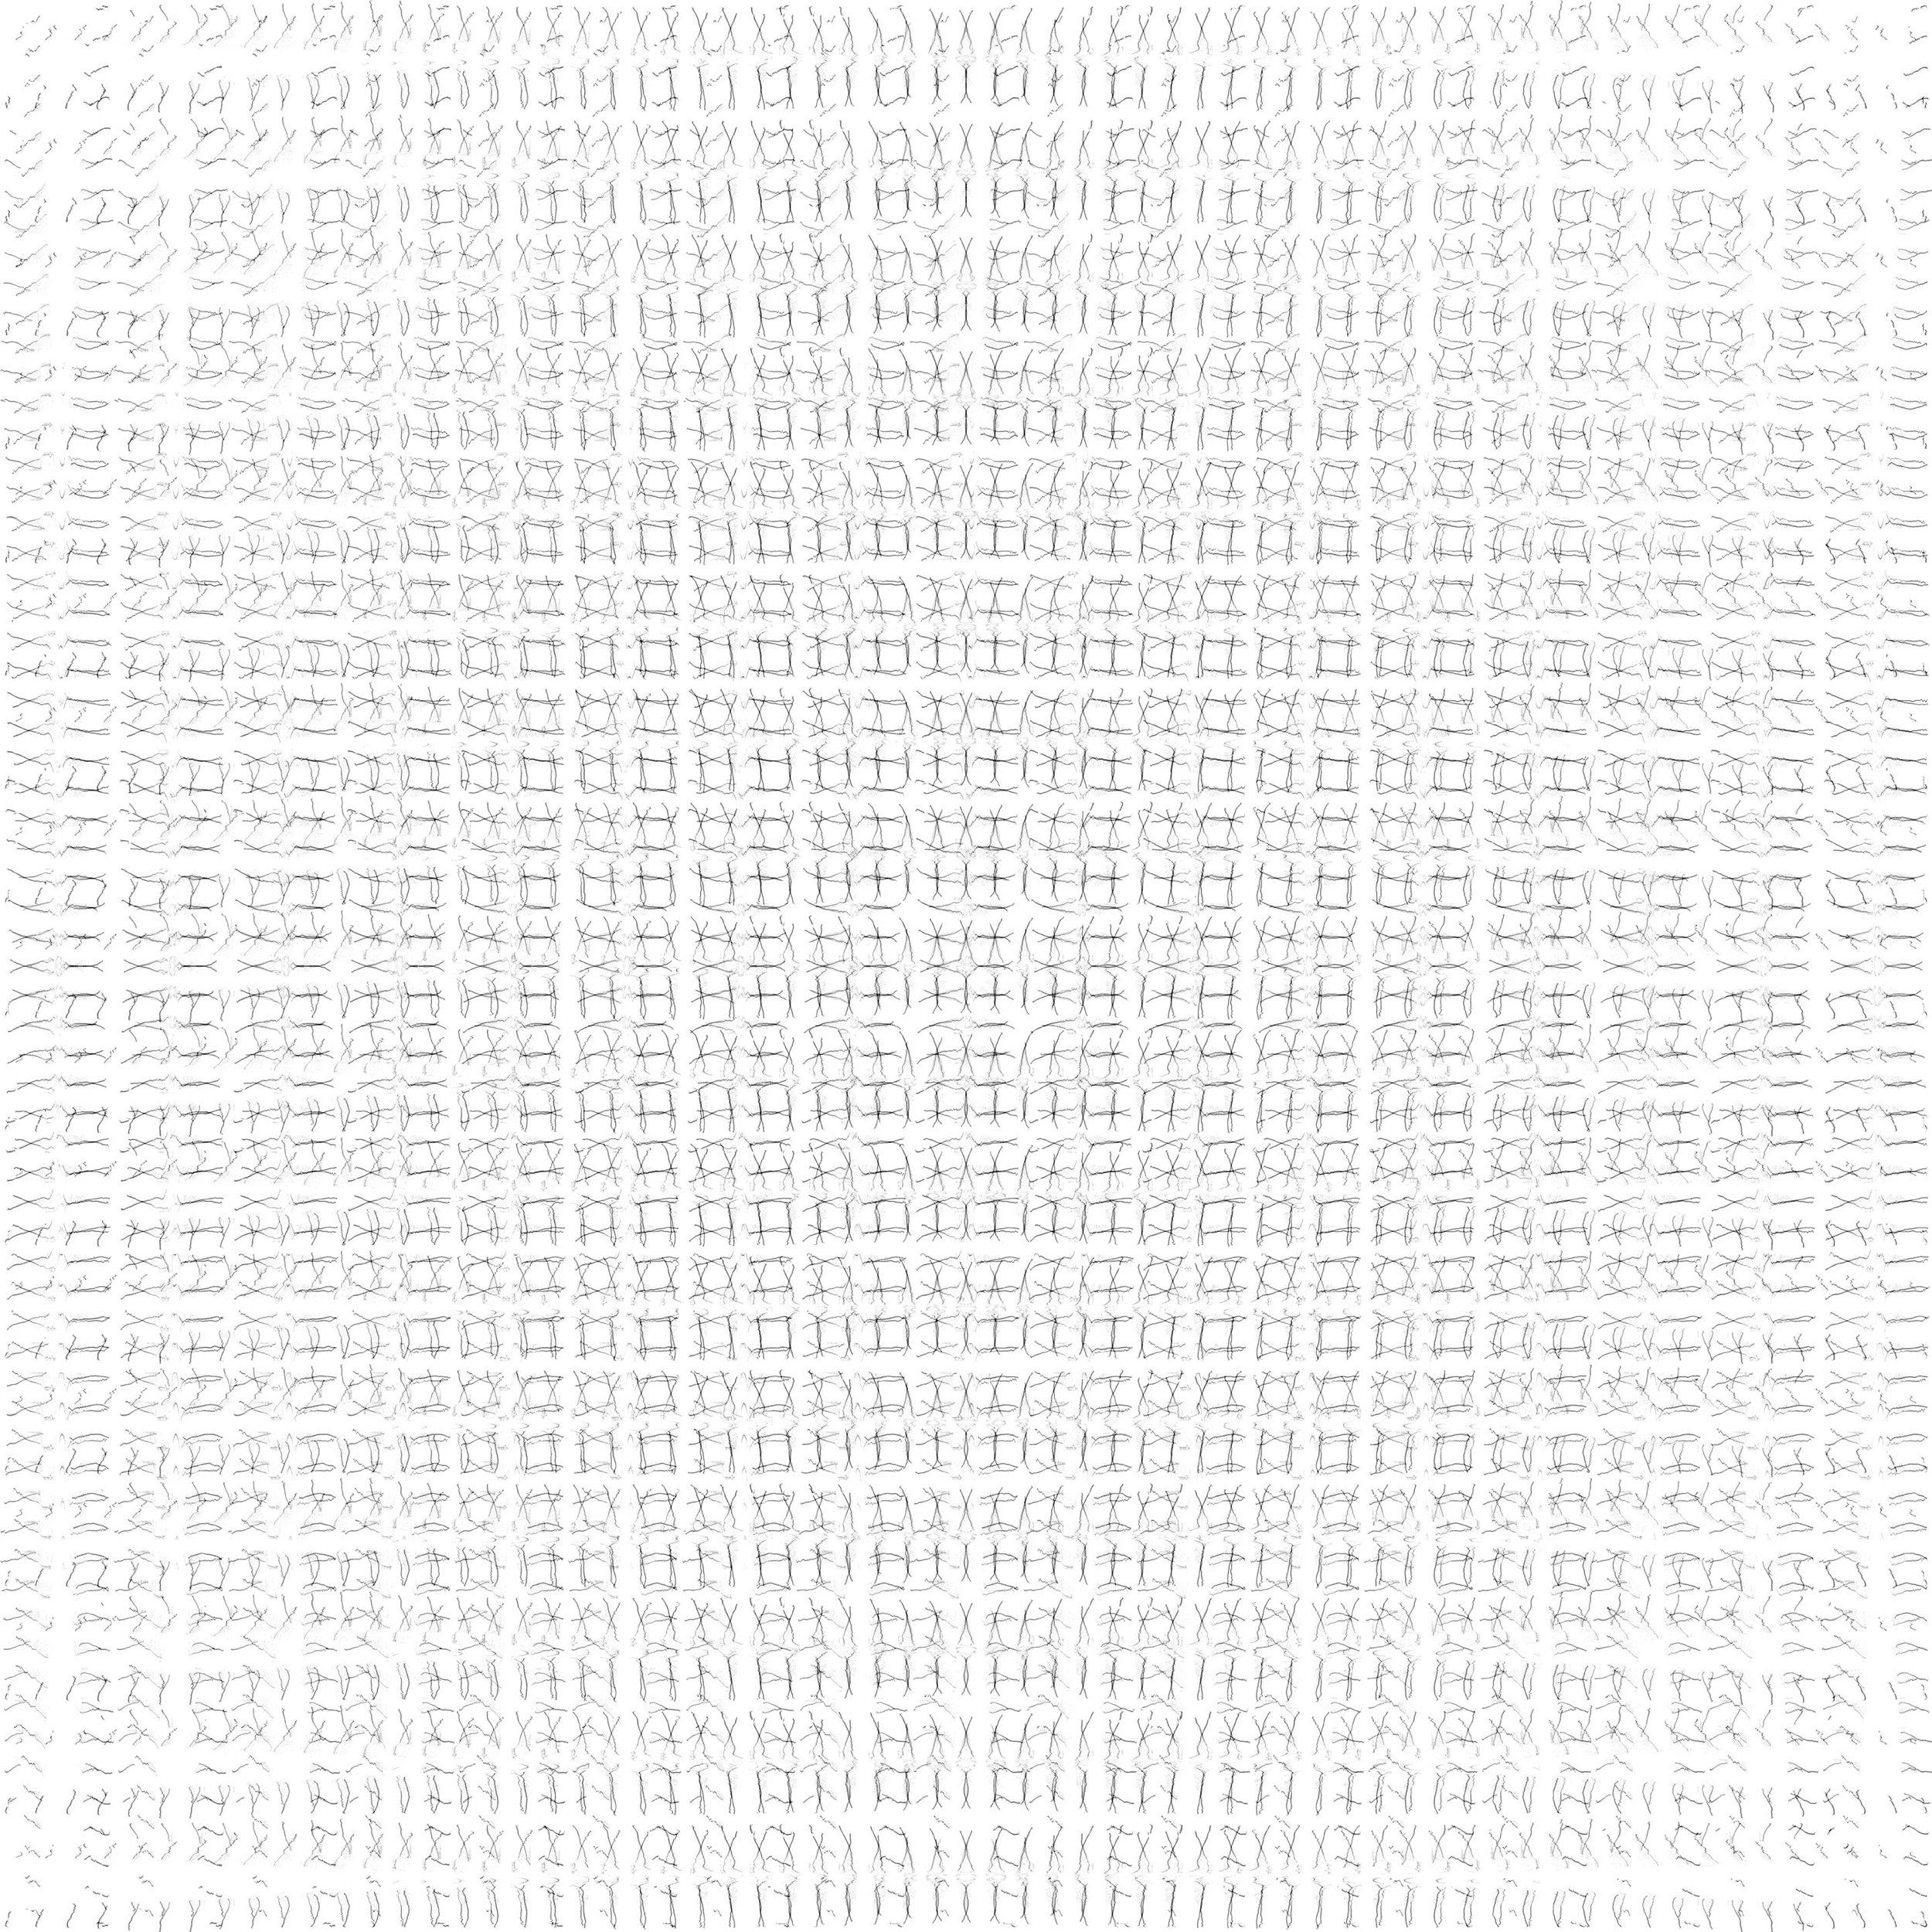 matscheko_vh_Montage_12k_2880px.jpg